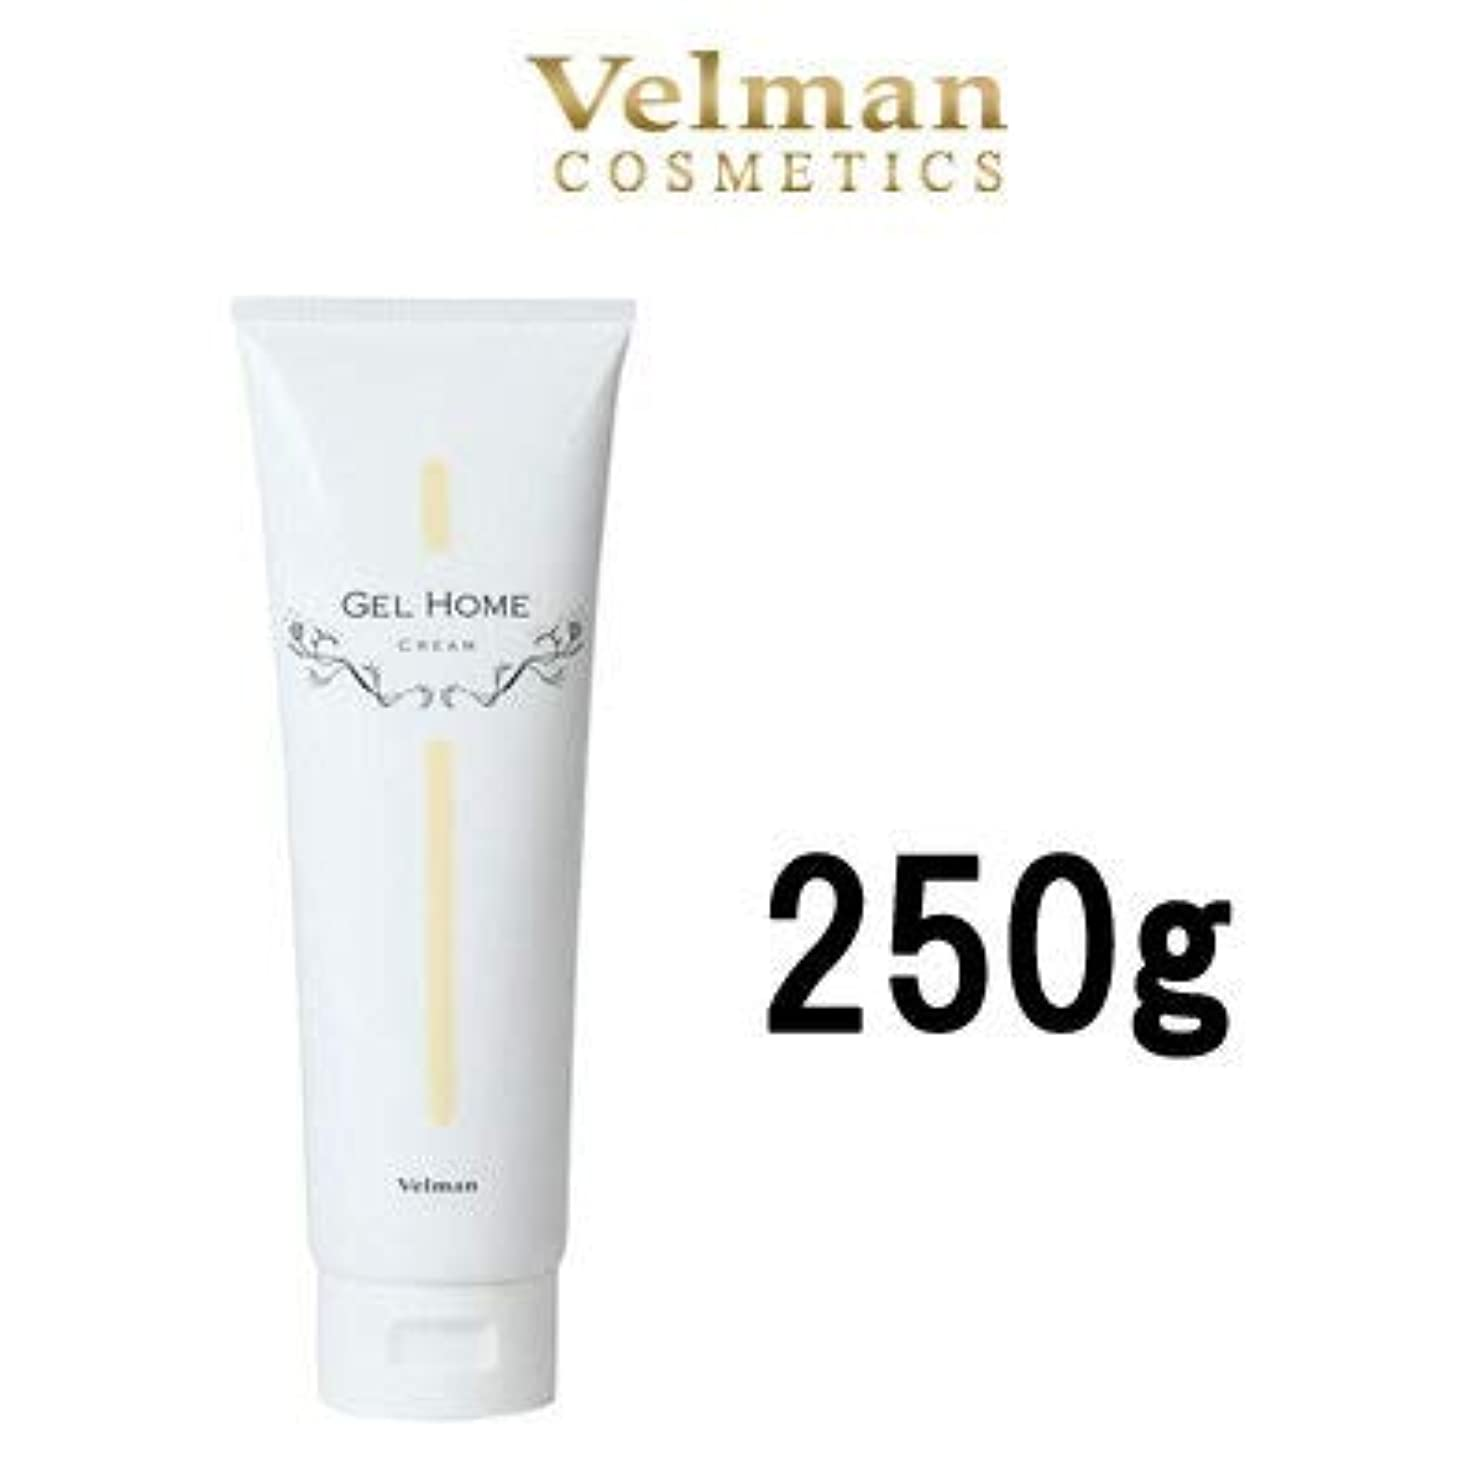 鎮痛剤複製する賞ベルマン ゲルホームクリーム しっとりタイプ 250g